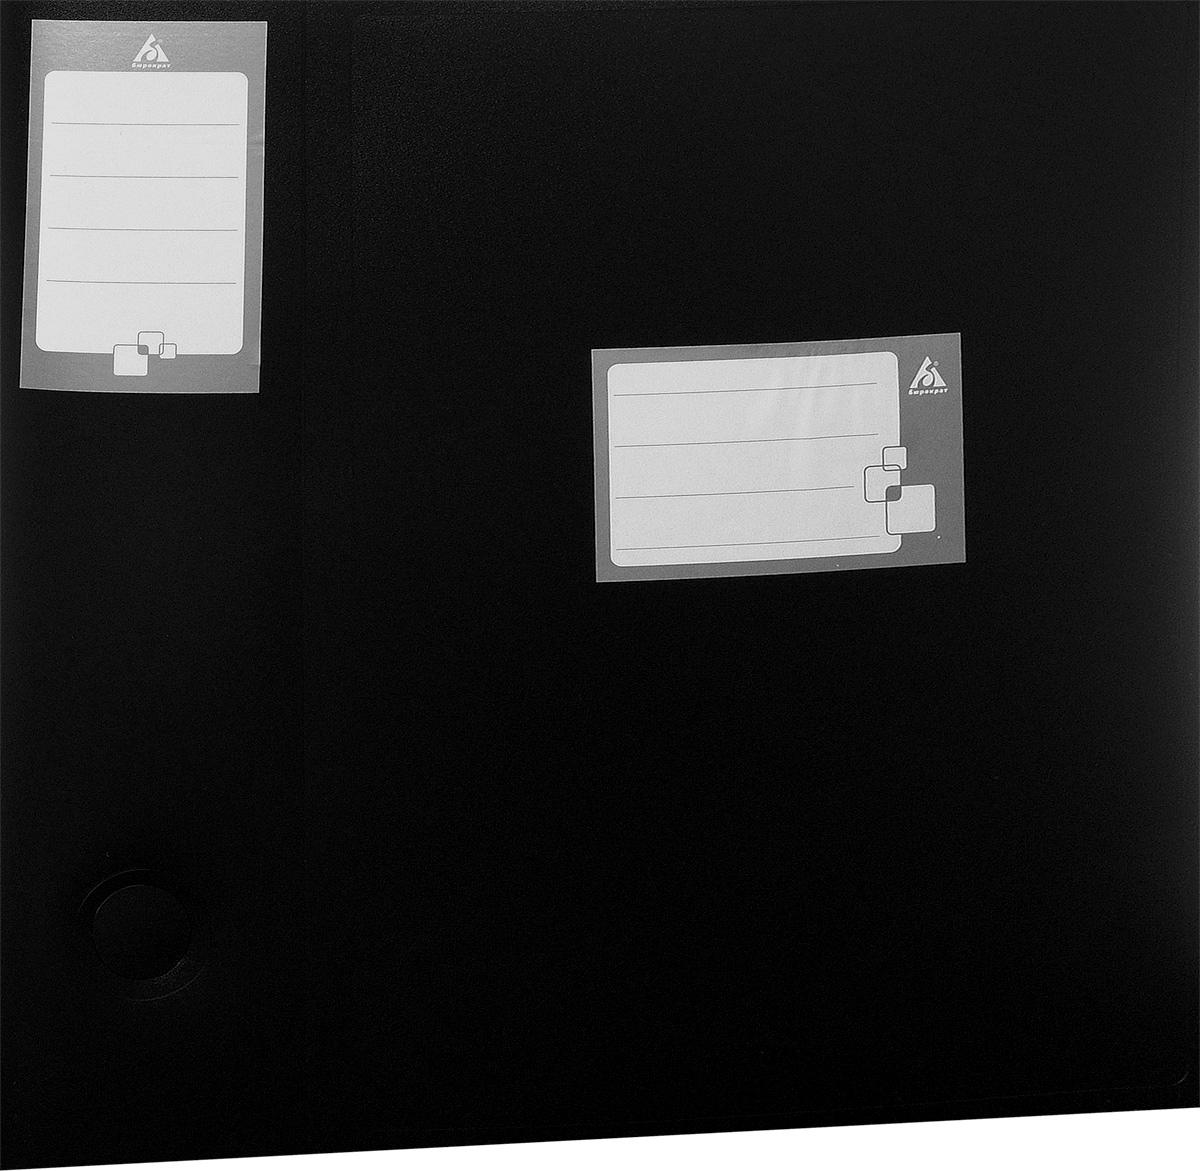 Бюрократ Архивный короб цвет черный 81619480019_розовыйАрхивный короб Бюрократ очень удобный и прочный аксессуар для хранения листов и документов формата А4. Папка закрывается на удобную вырубную застежку и имеет два стикера для записи, на абзаце и сбоку. Для удобства извлечения папки с места хранения, на двух торцевых сторонах предусмотрены круглые отверстия. Короб выполнен из прочного пластика толщиной 0,8 мм. Архивный короб Бюрократ поможет вам красиво и правильно организовать хранение документов.